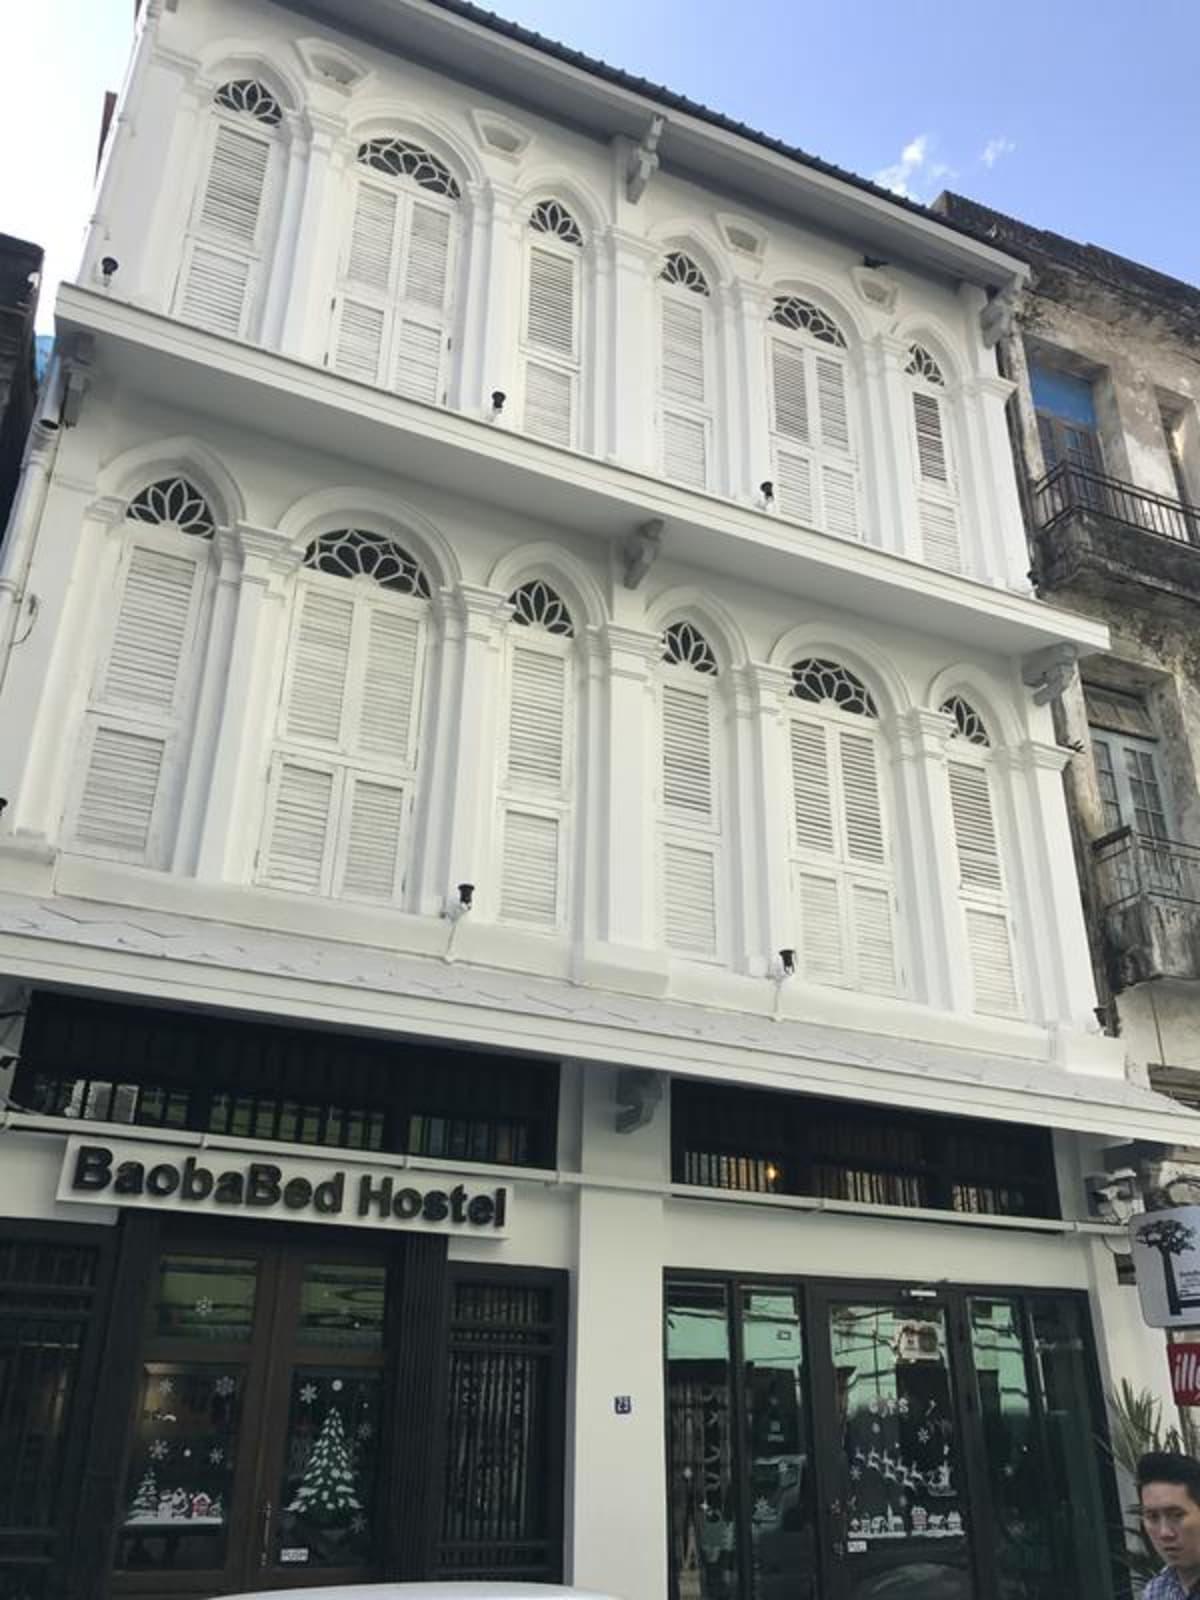 BaobaBed Hostel Chinatown, Yangon, Myanmar hostel